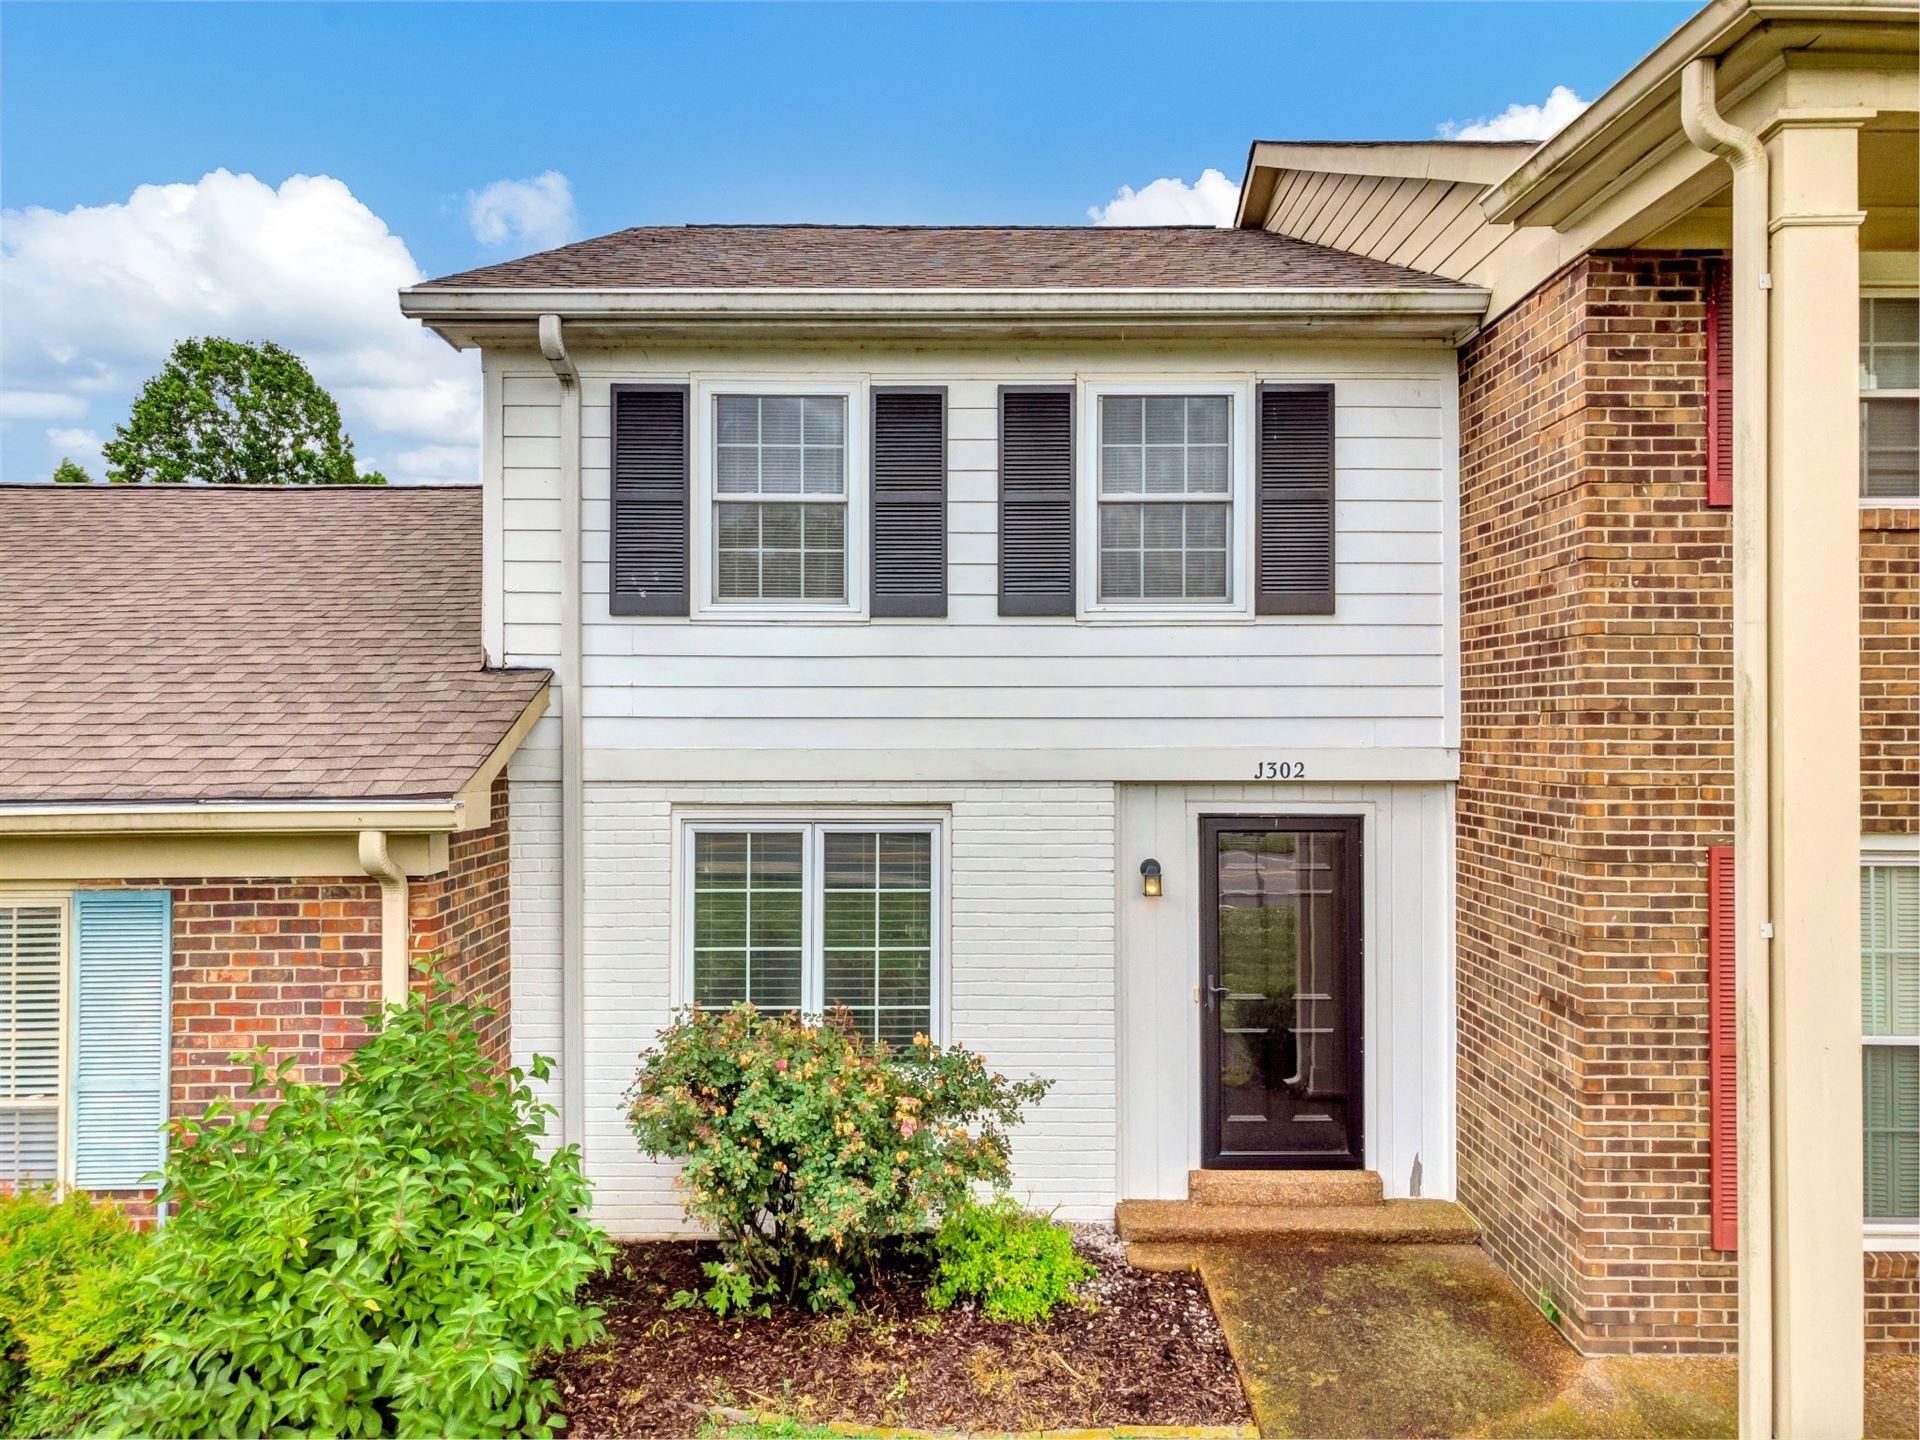 8300 Sawyer Brown Rd #J302, Nashville, TN 37221 - MLS#: 2259508